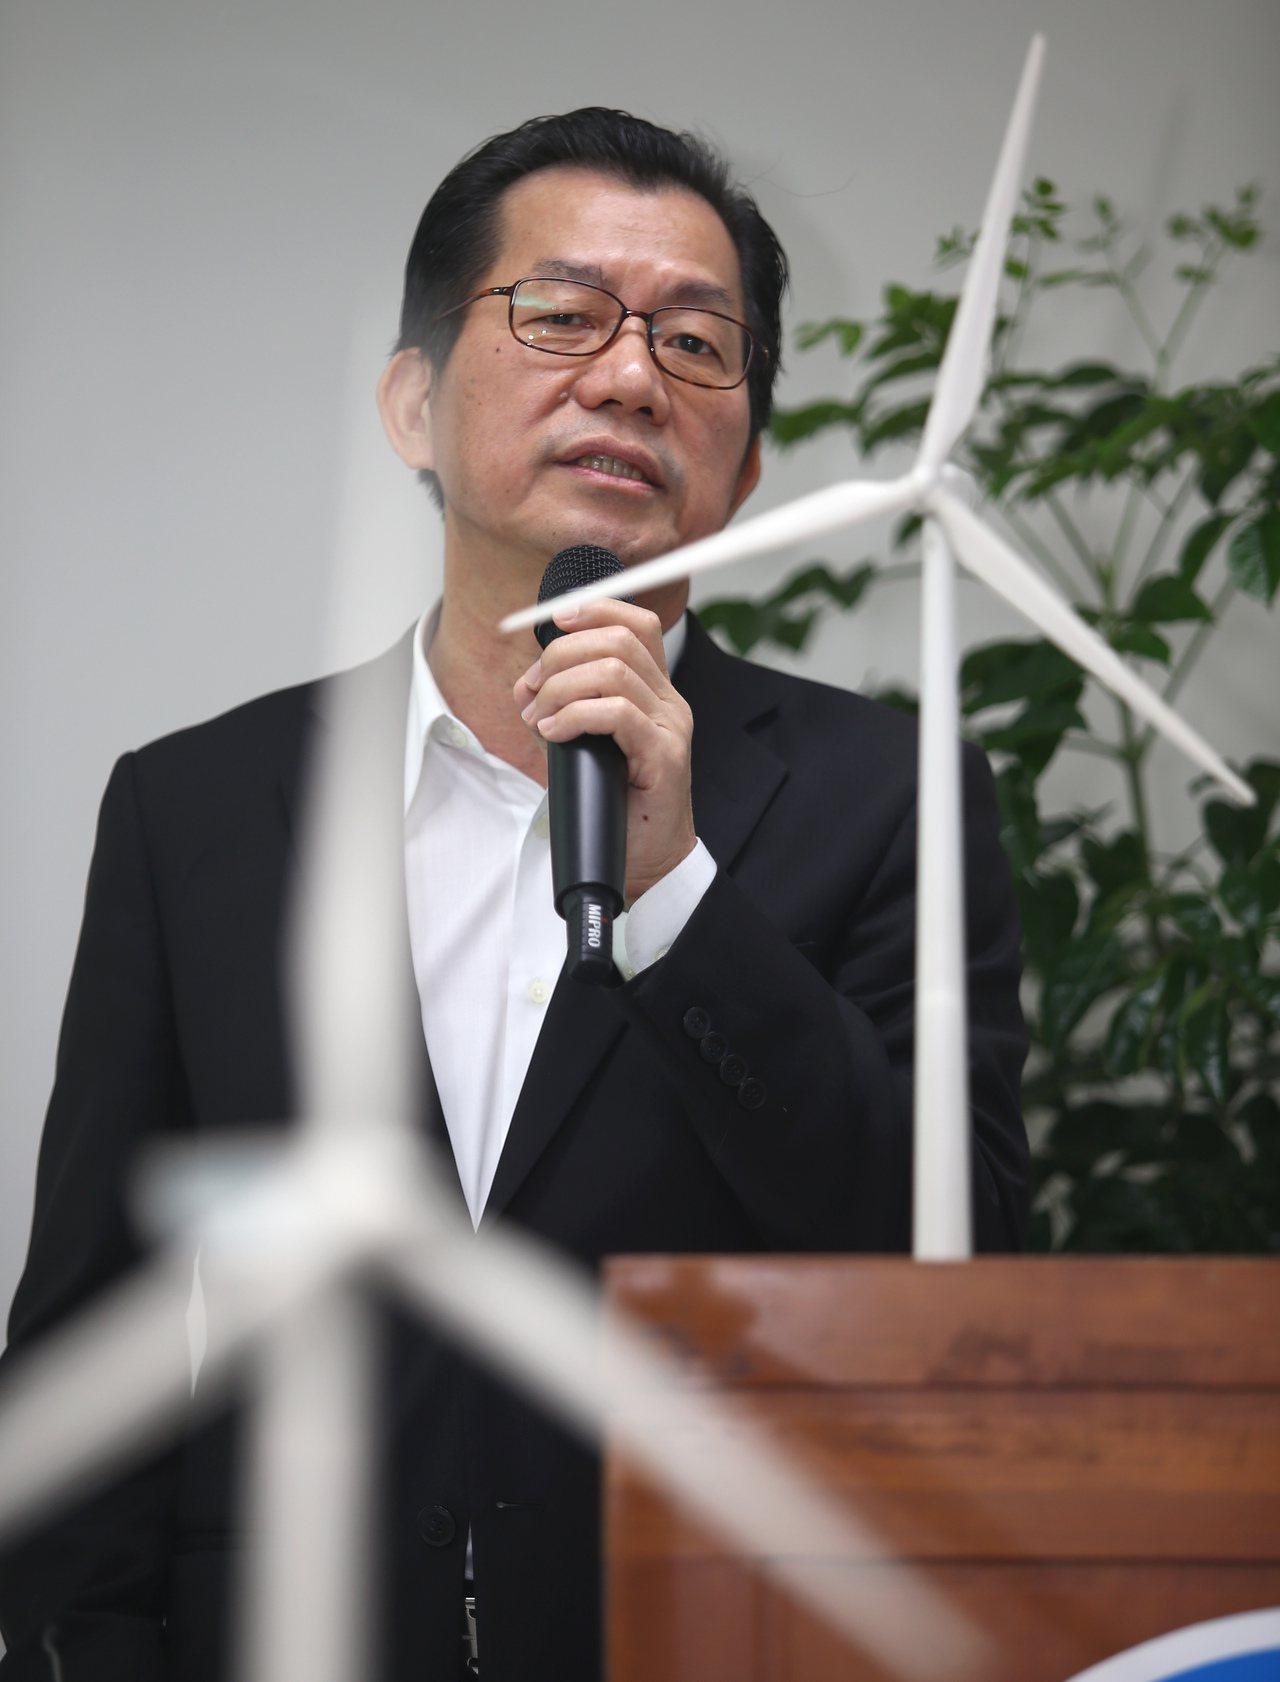 環保署長李應元上午出席「離岸風力發電通過環評(裝置容量10GW)總報告」記者會,...